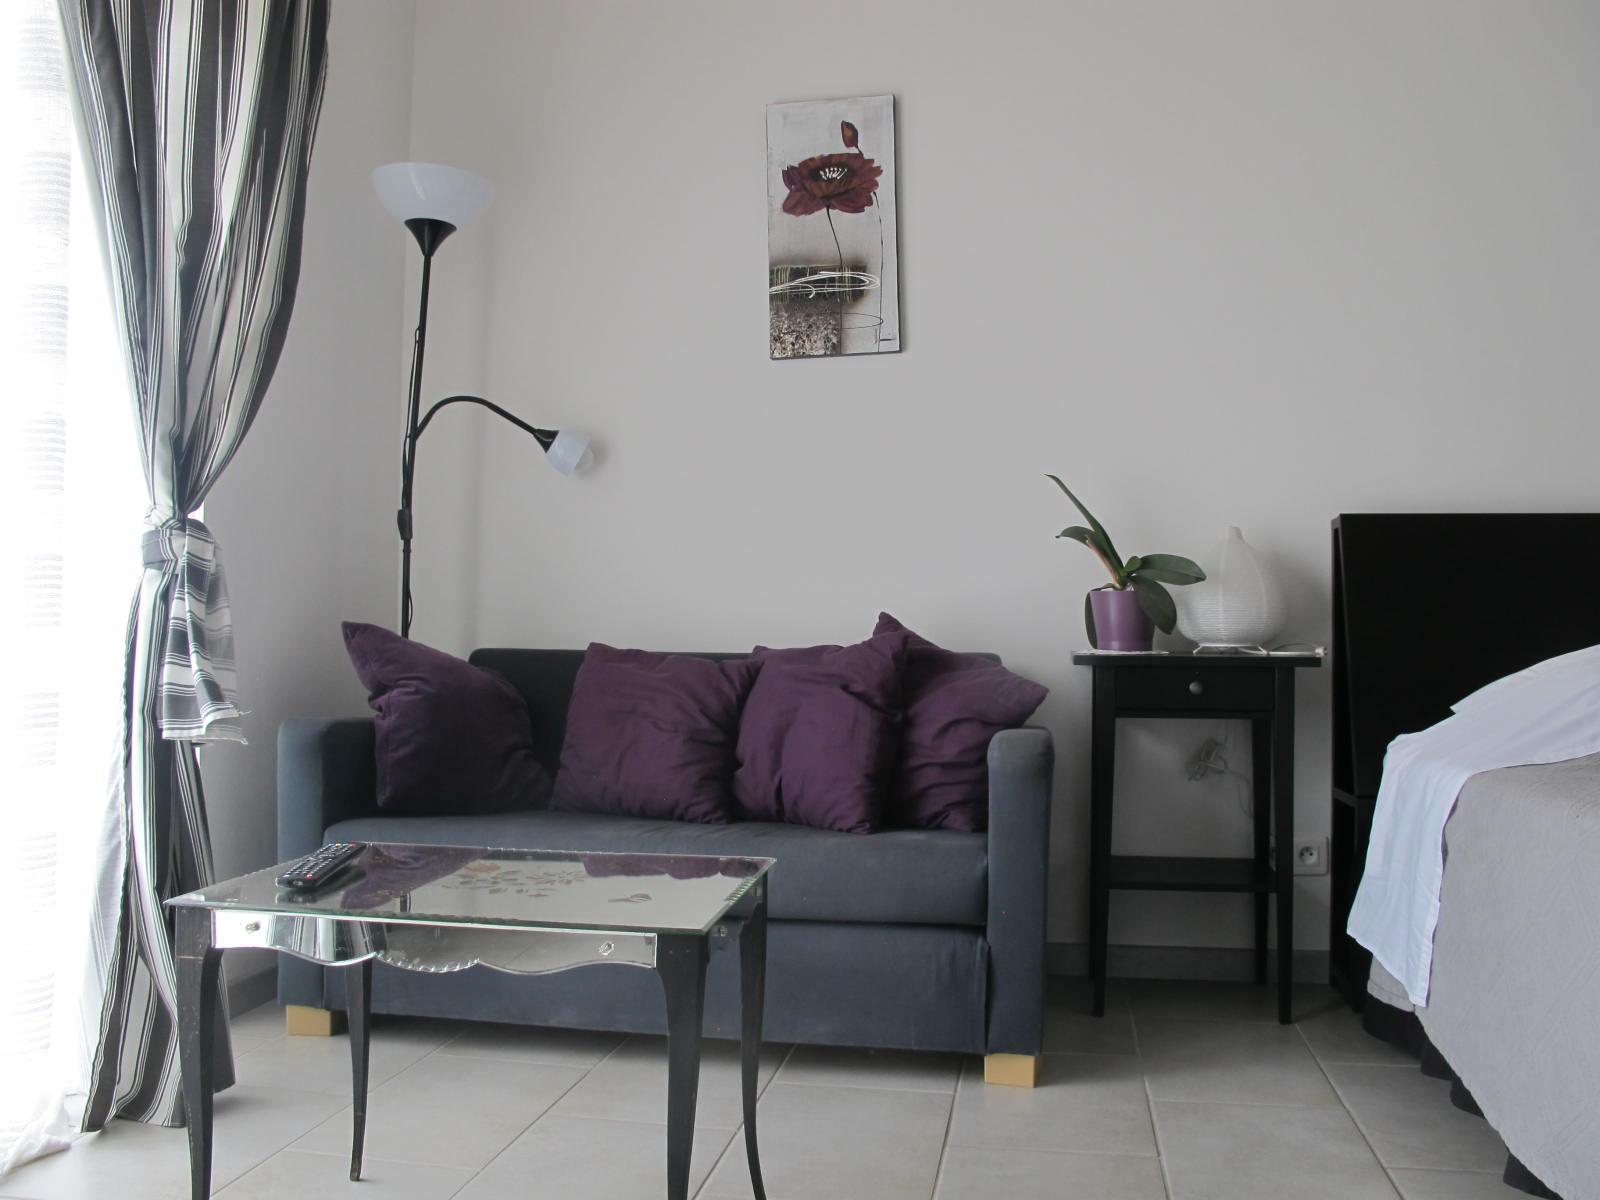 loucardaline-bedoin-hébergement-ventoux-chambre d hotes-vaucluse-double confort-coin salloncalme-climatisé